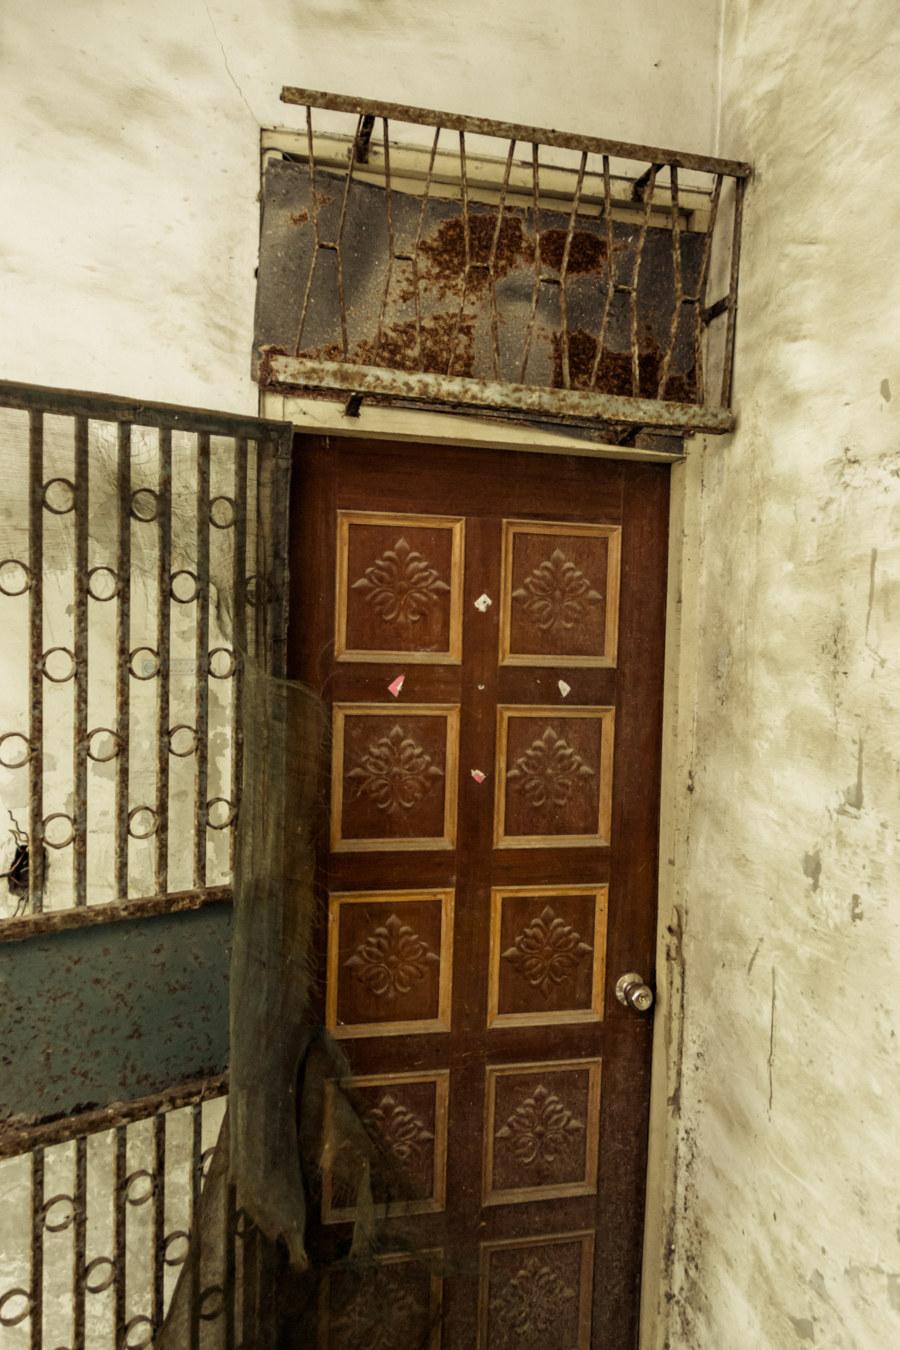 A cruddy old door